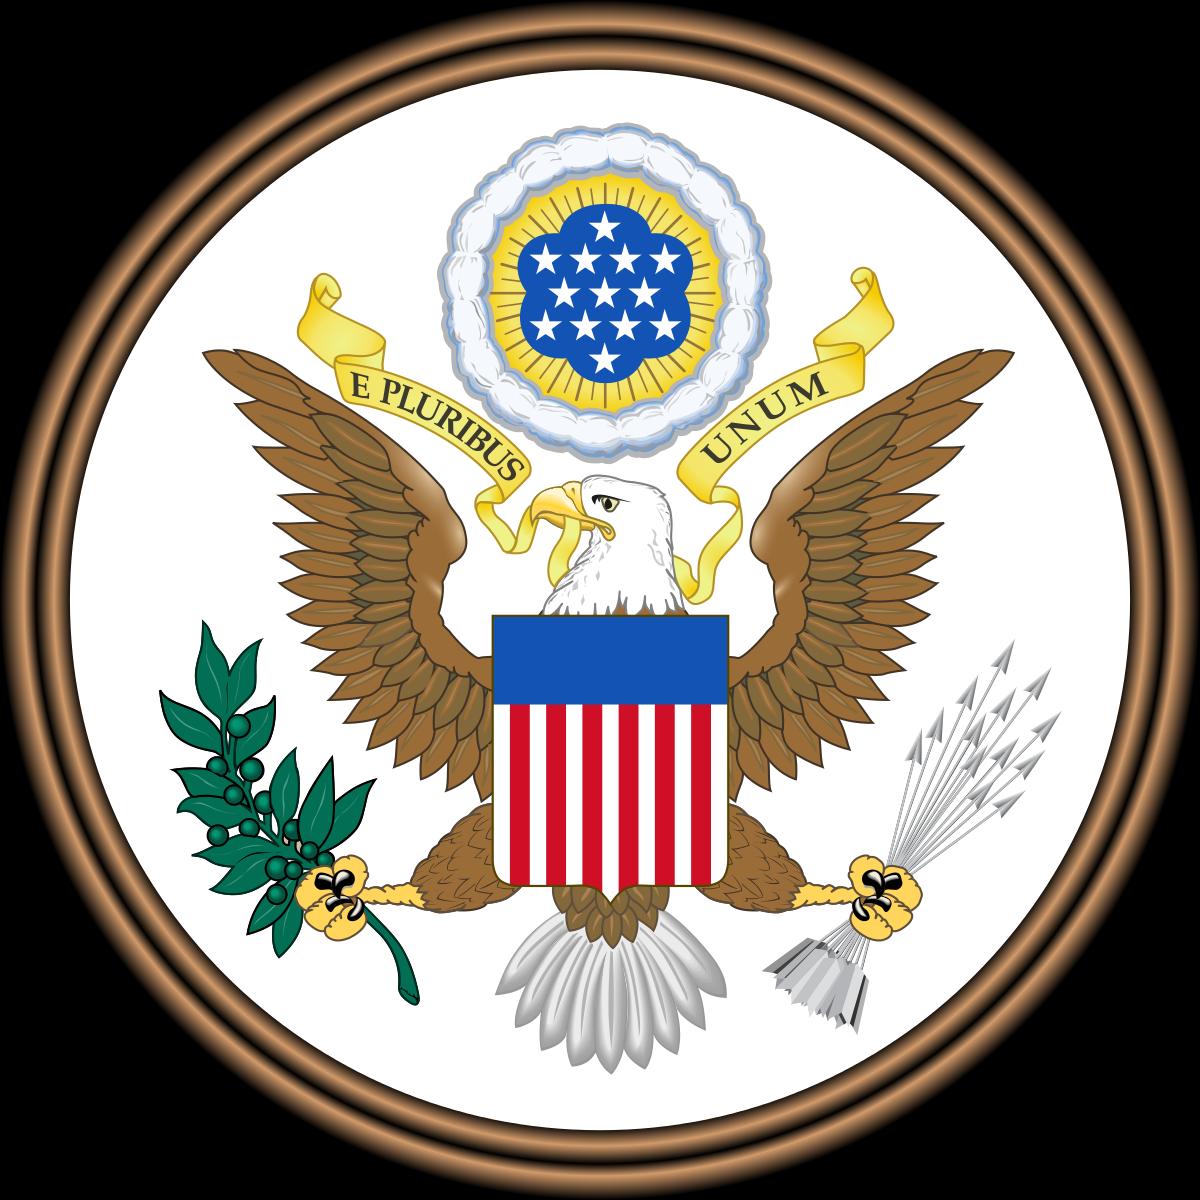 Gran Sello de los Estados Unidos - Wikipedia, la enciclopedia libre ...